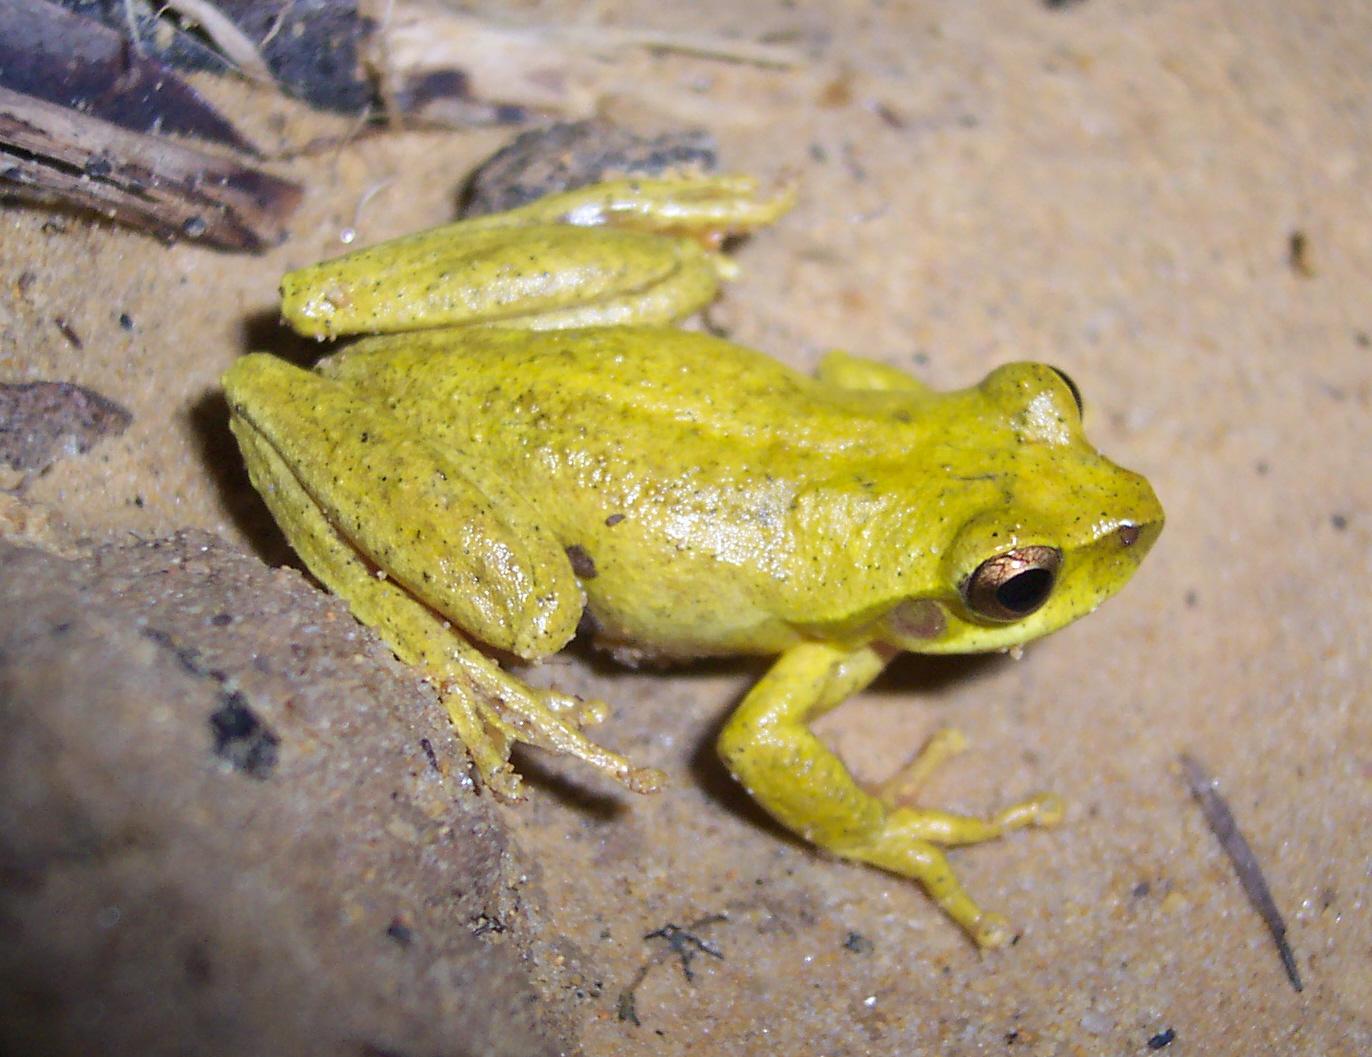 V Frog Kpm Revealed frog -...